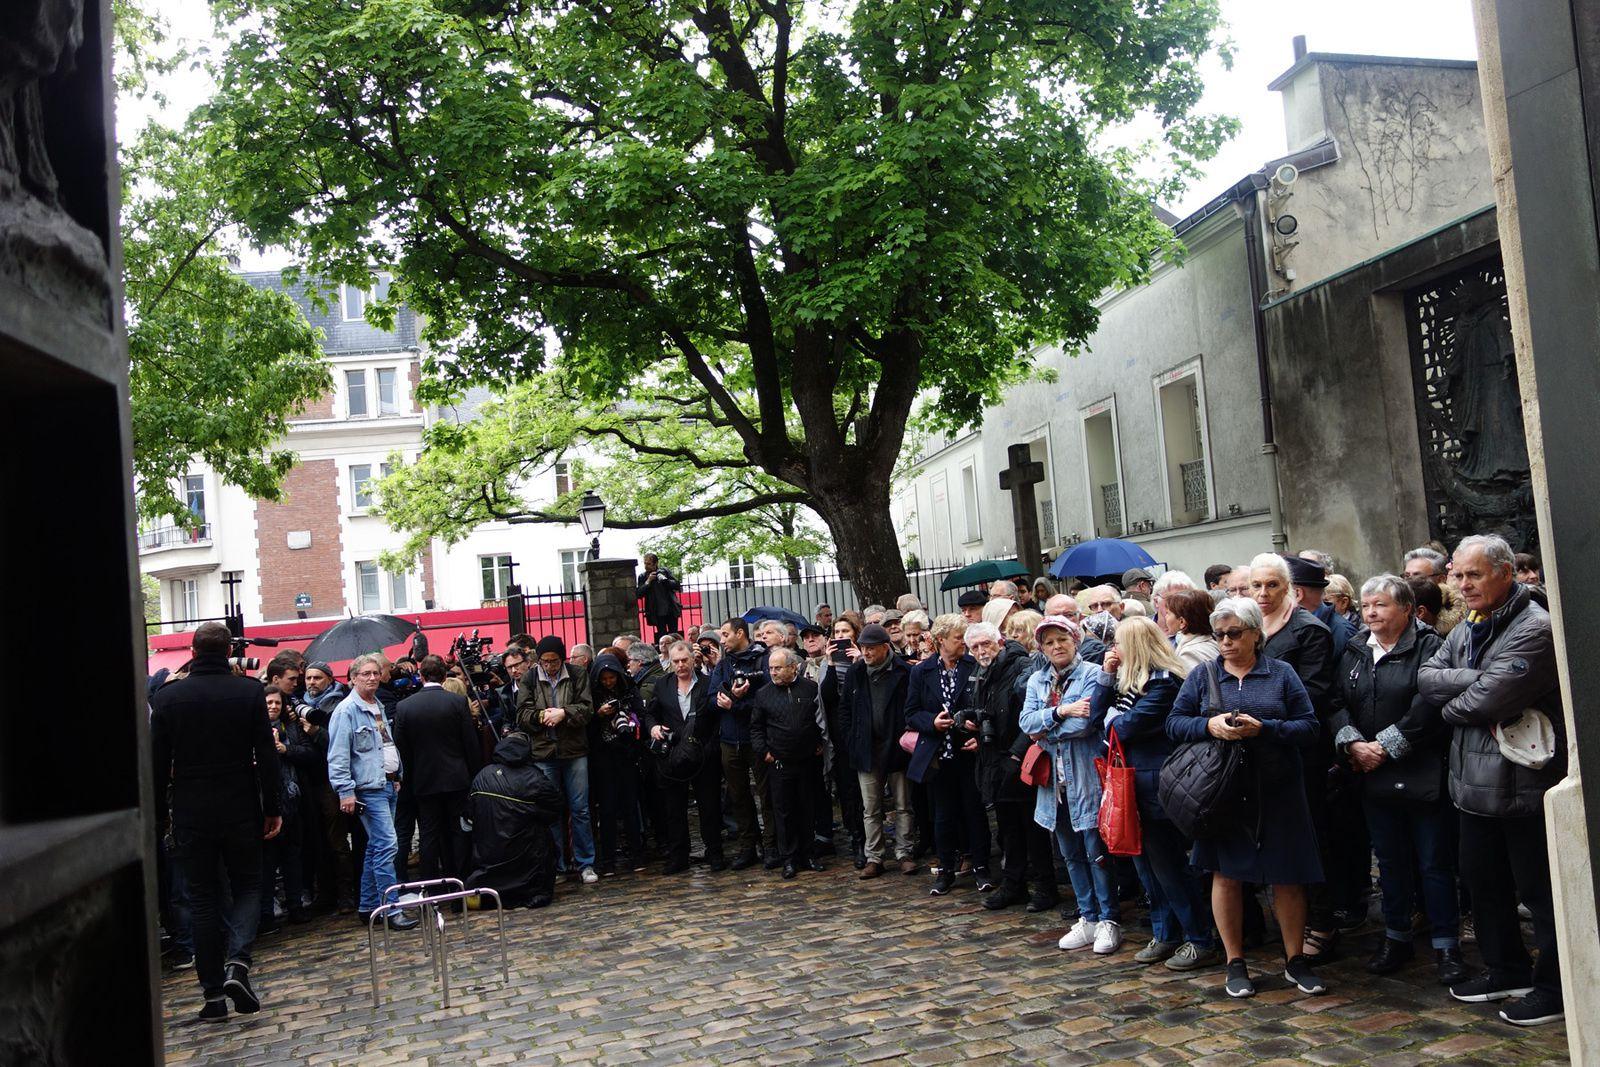 La foule devant l'église Saint-Pierre de Montmartre